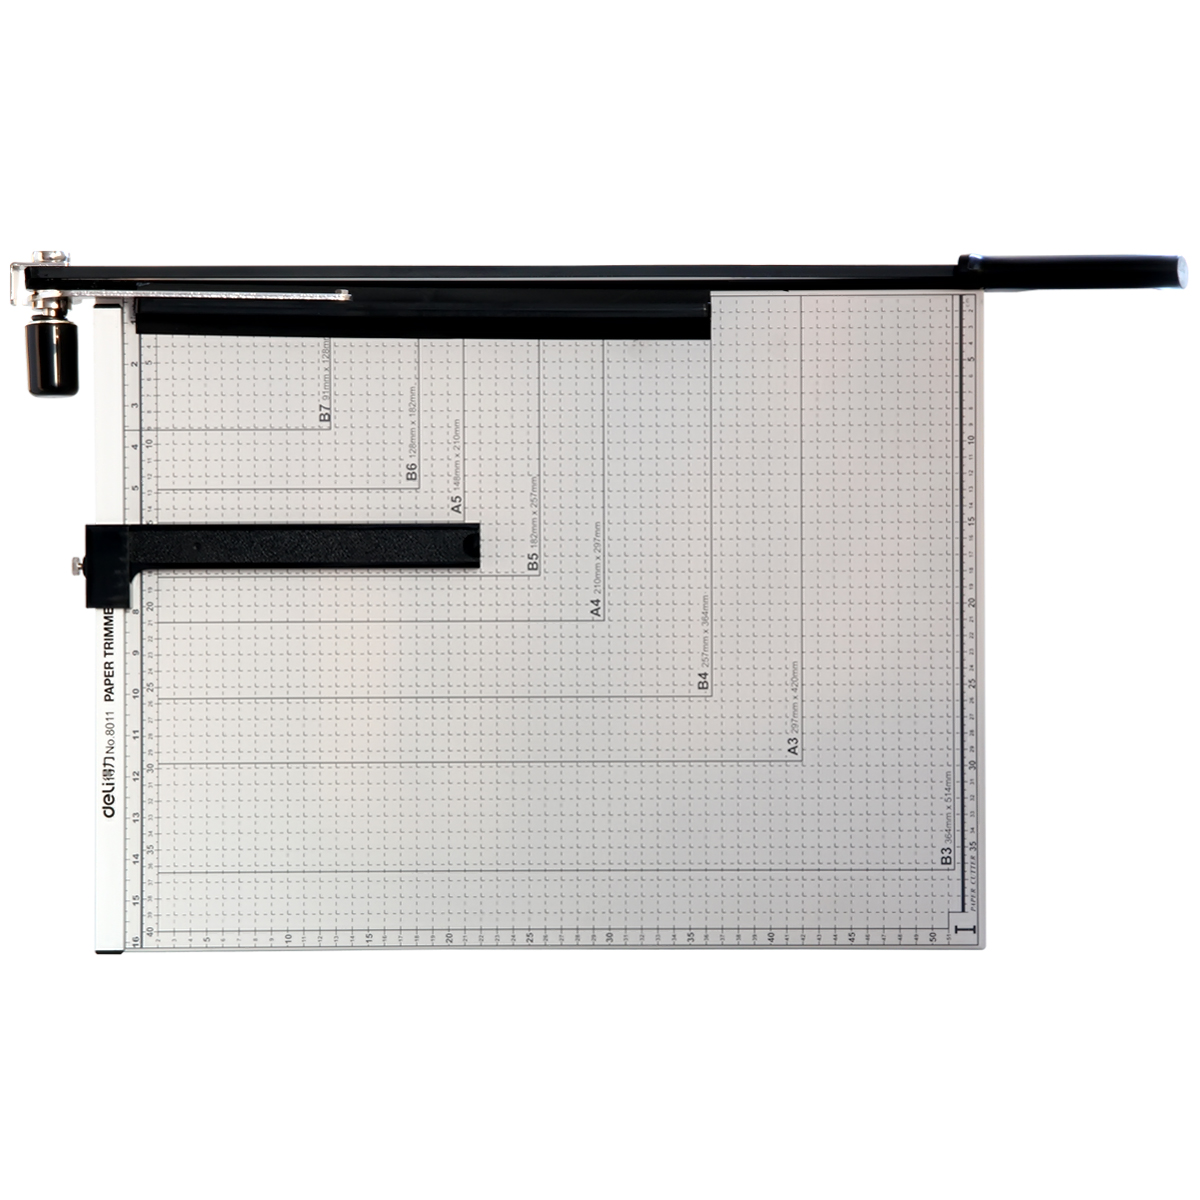 得力8011手动切纸机大号裁纸刀B3切纸机照片切割机裁纸器相片裁刀